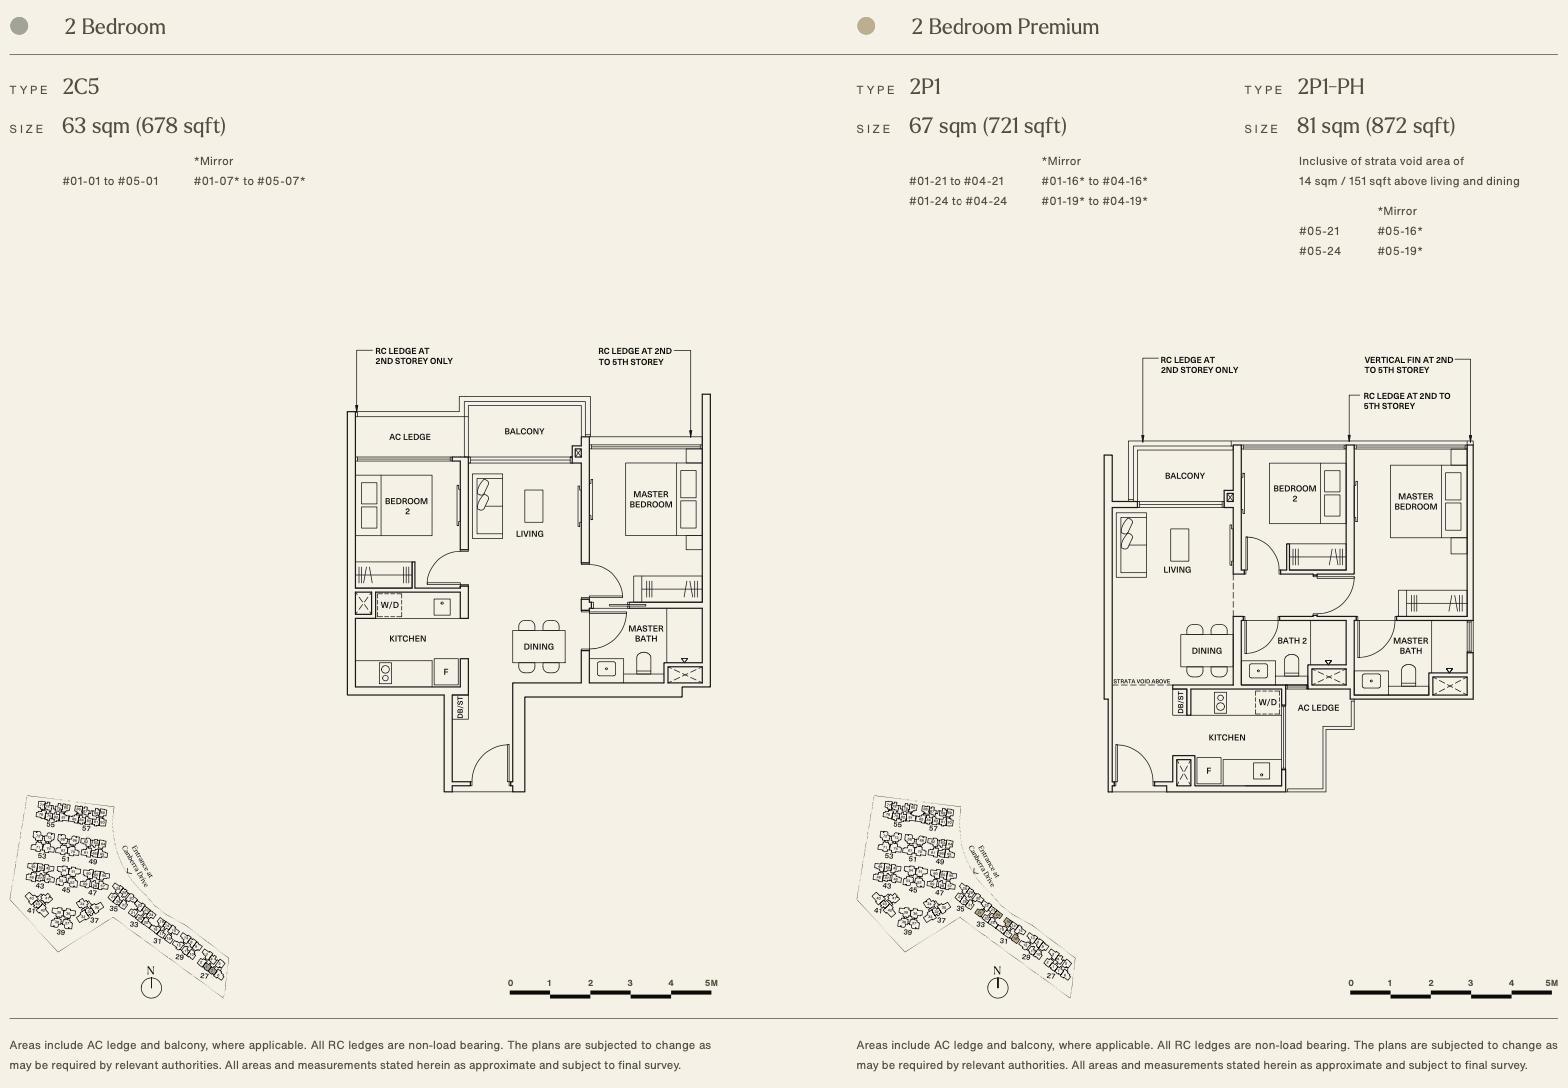 Watergardens Condo Floor Plans . 2 Bedroom Type 2C5 and 2P1